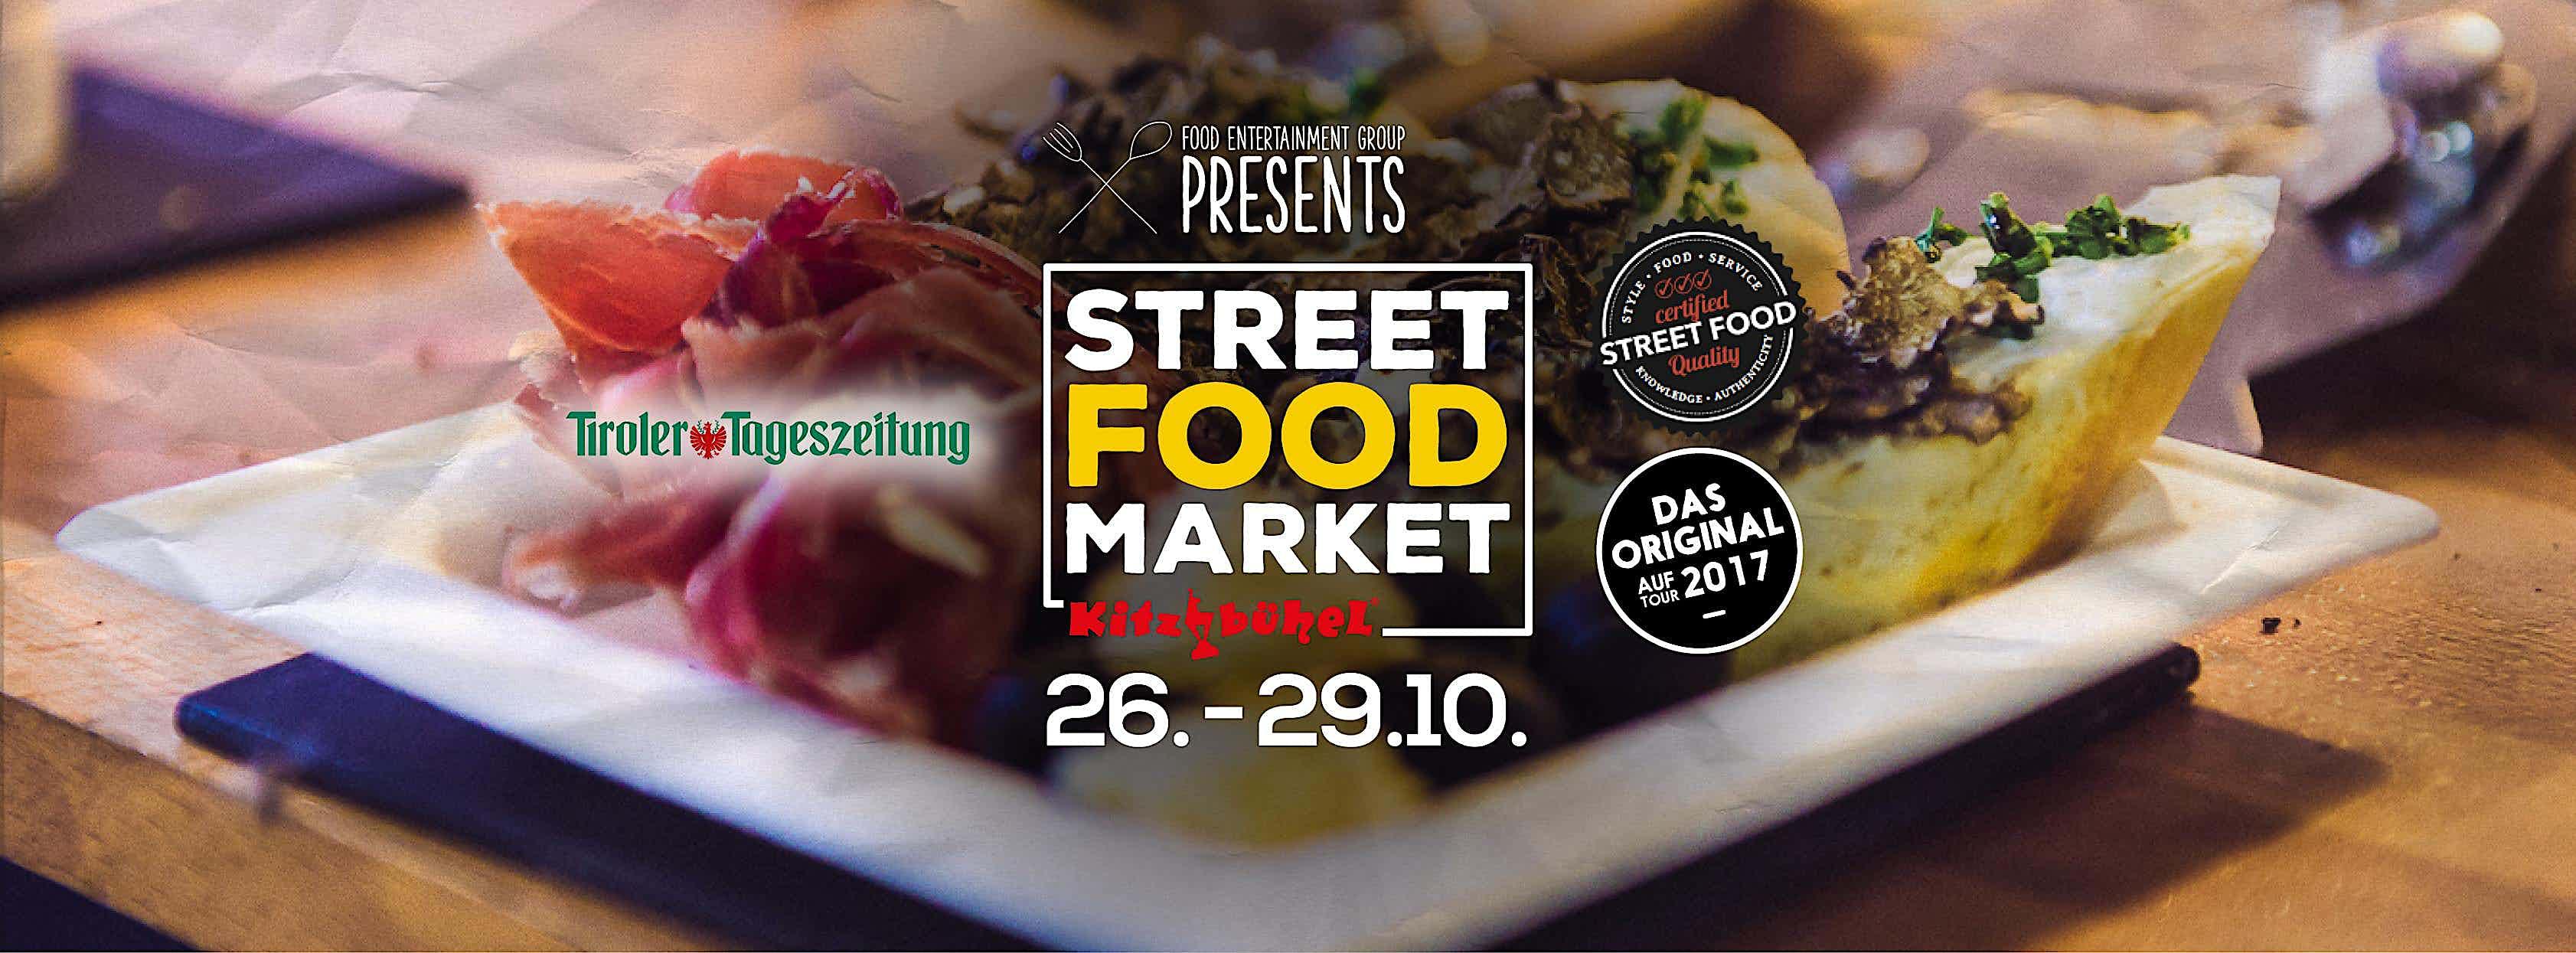 street food market, antipasti